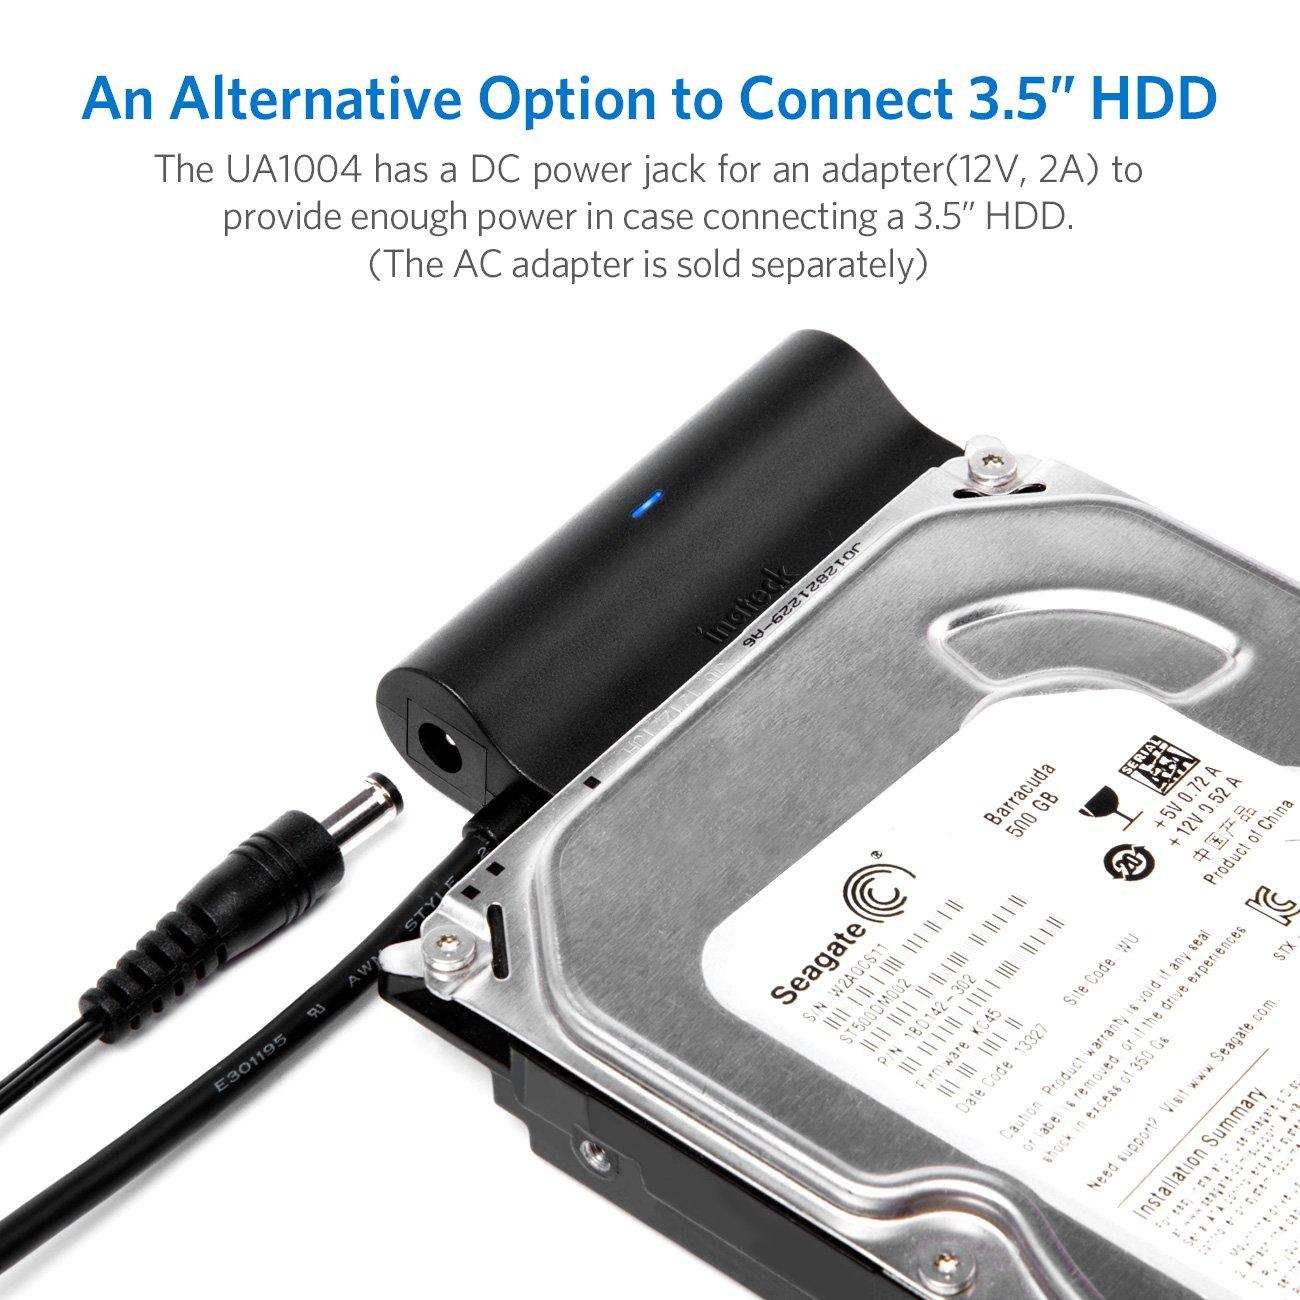 UA1004 Compatible con UASP,Negro Inateck Adaptador de USB 3.0 a SATA III para Discos Duros HDD SDD SATA I II III de 2.5